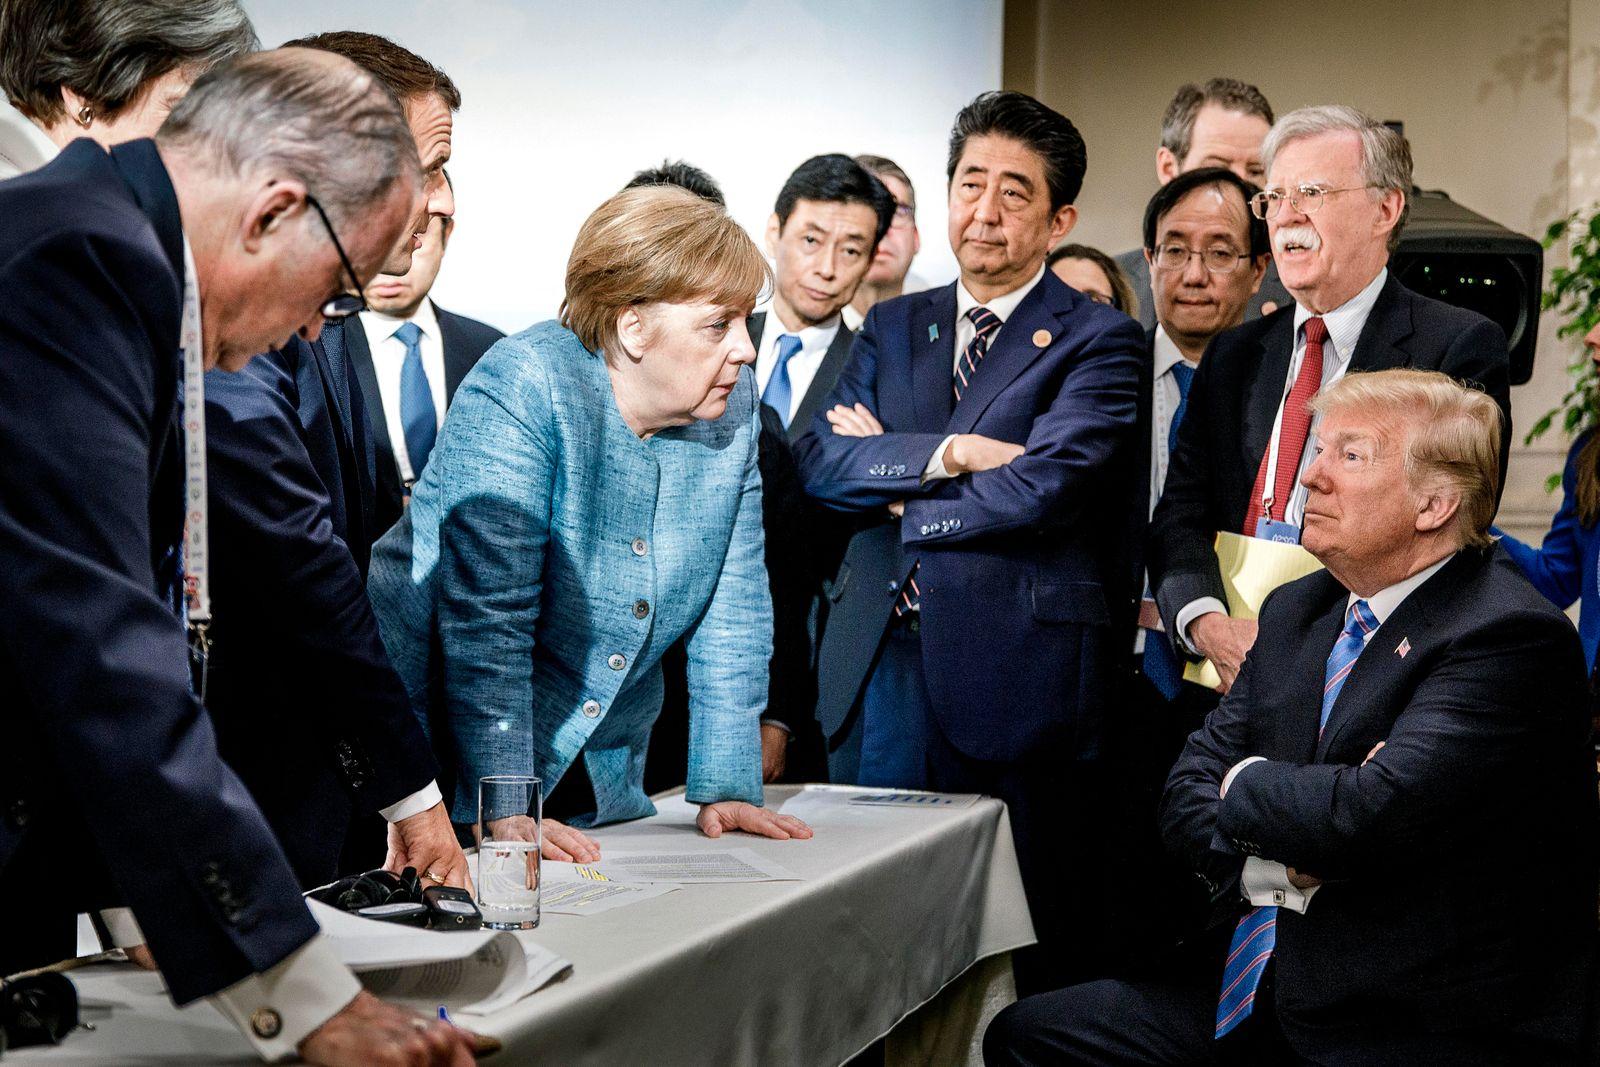 G7 summit in Charlevoix